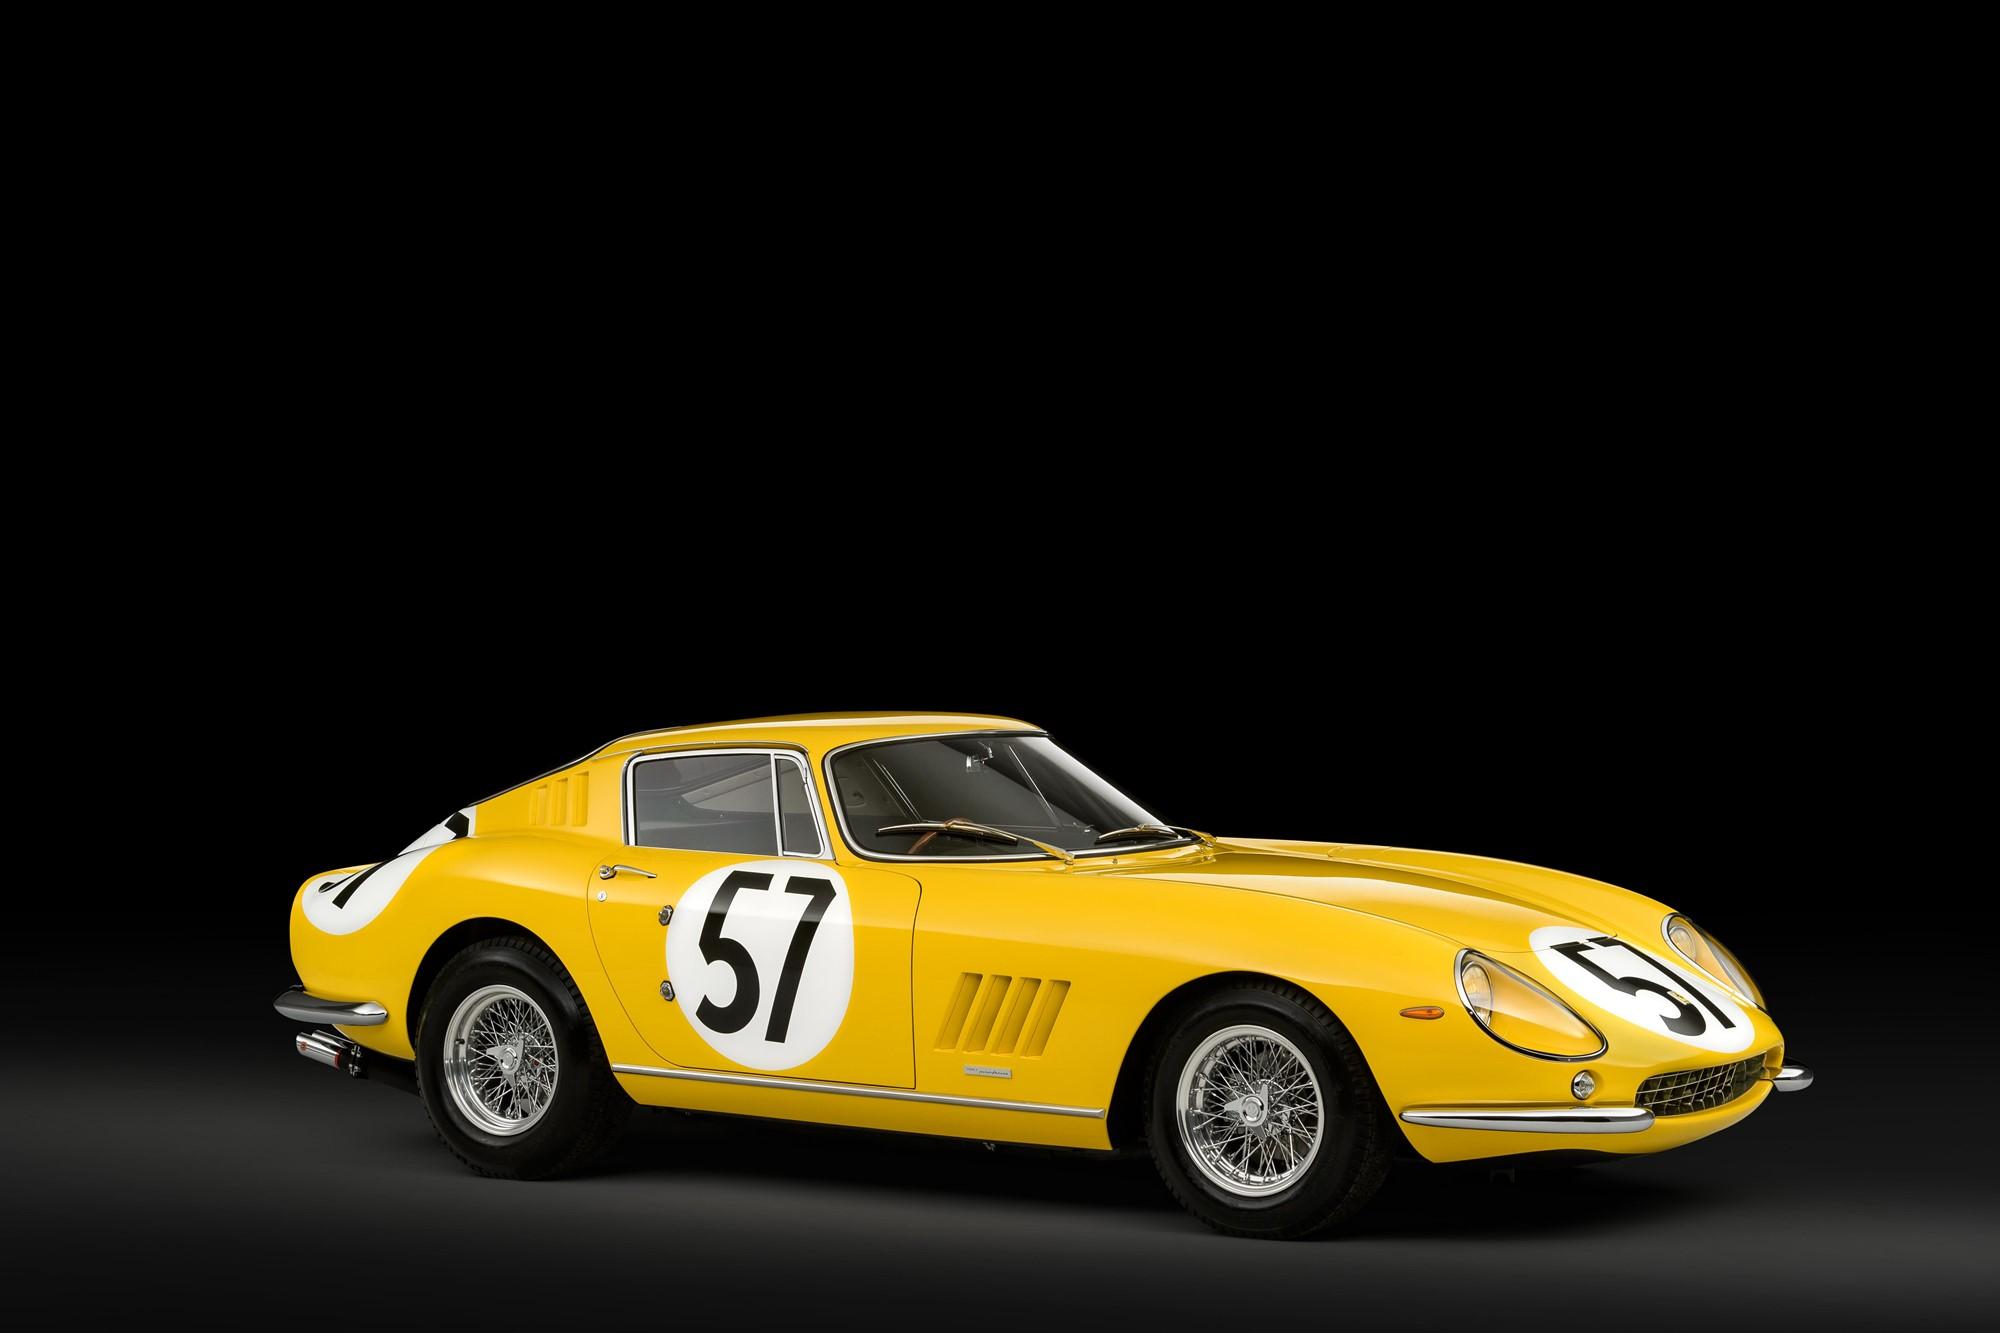 1966 フェラーリ 275 コンペティション